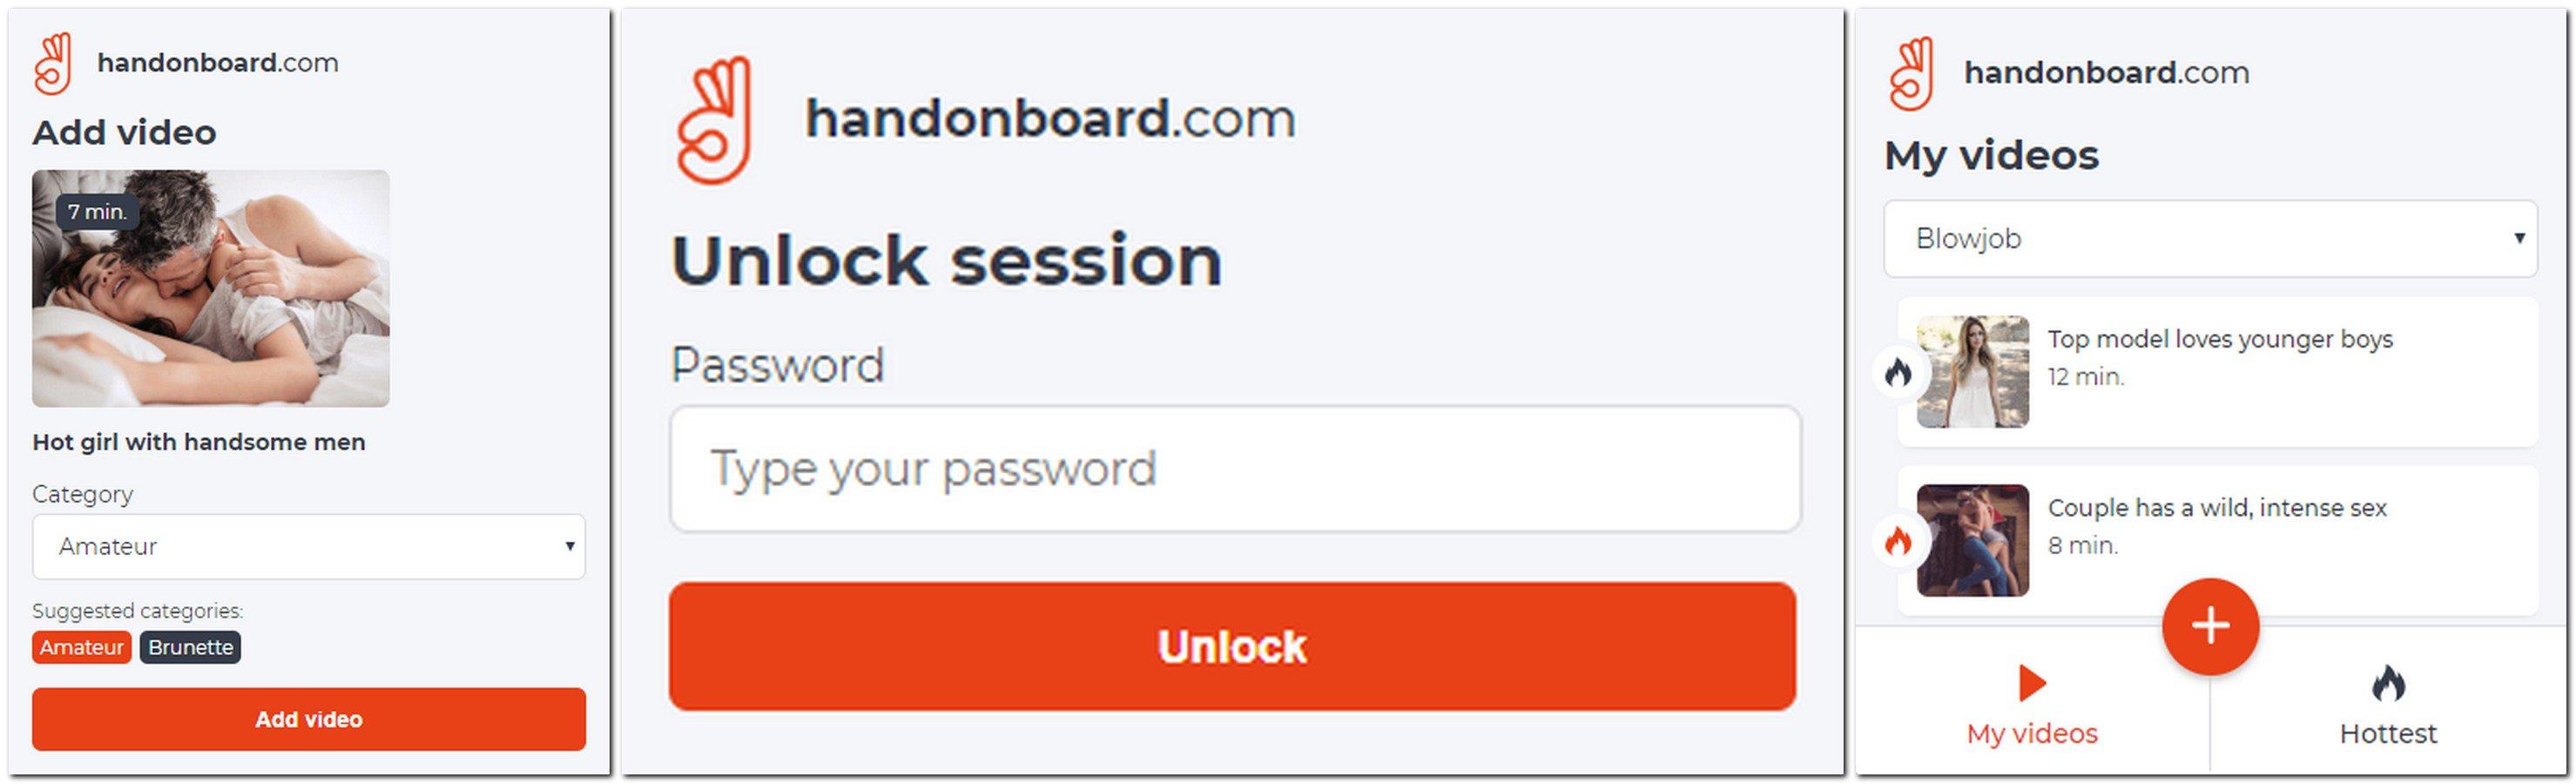 Handonboard.com - zapisywanie porno w przeglądarce